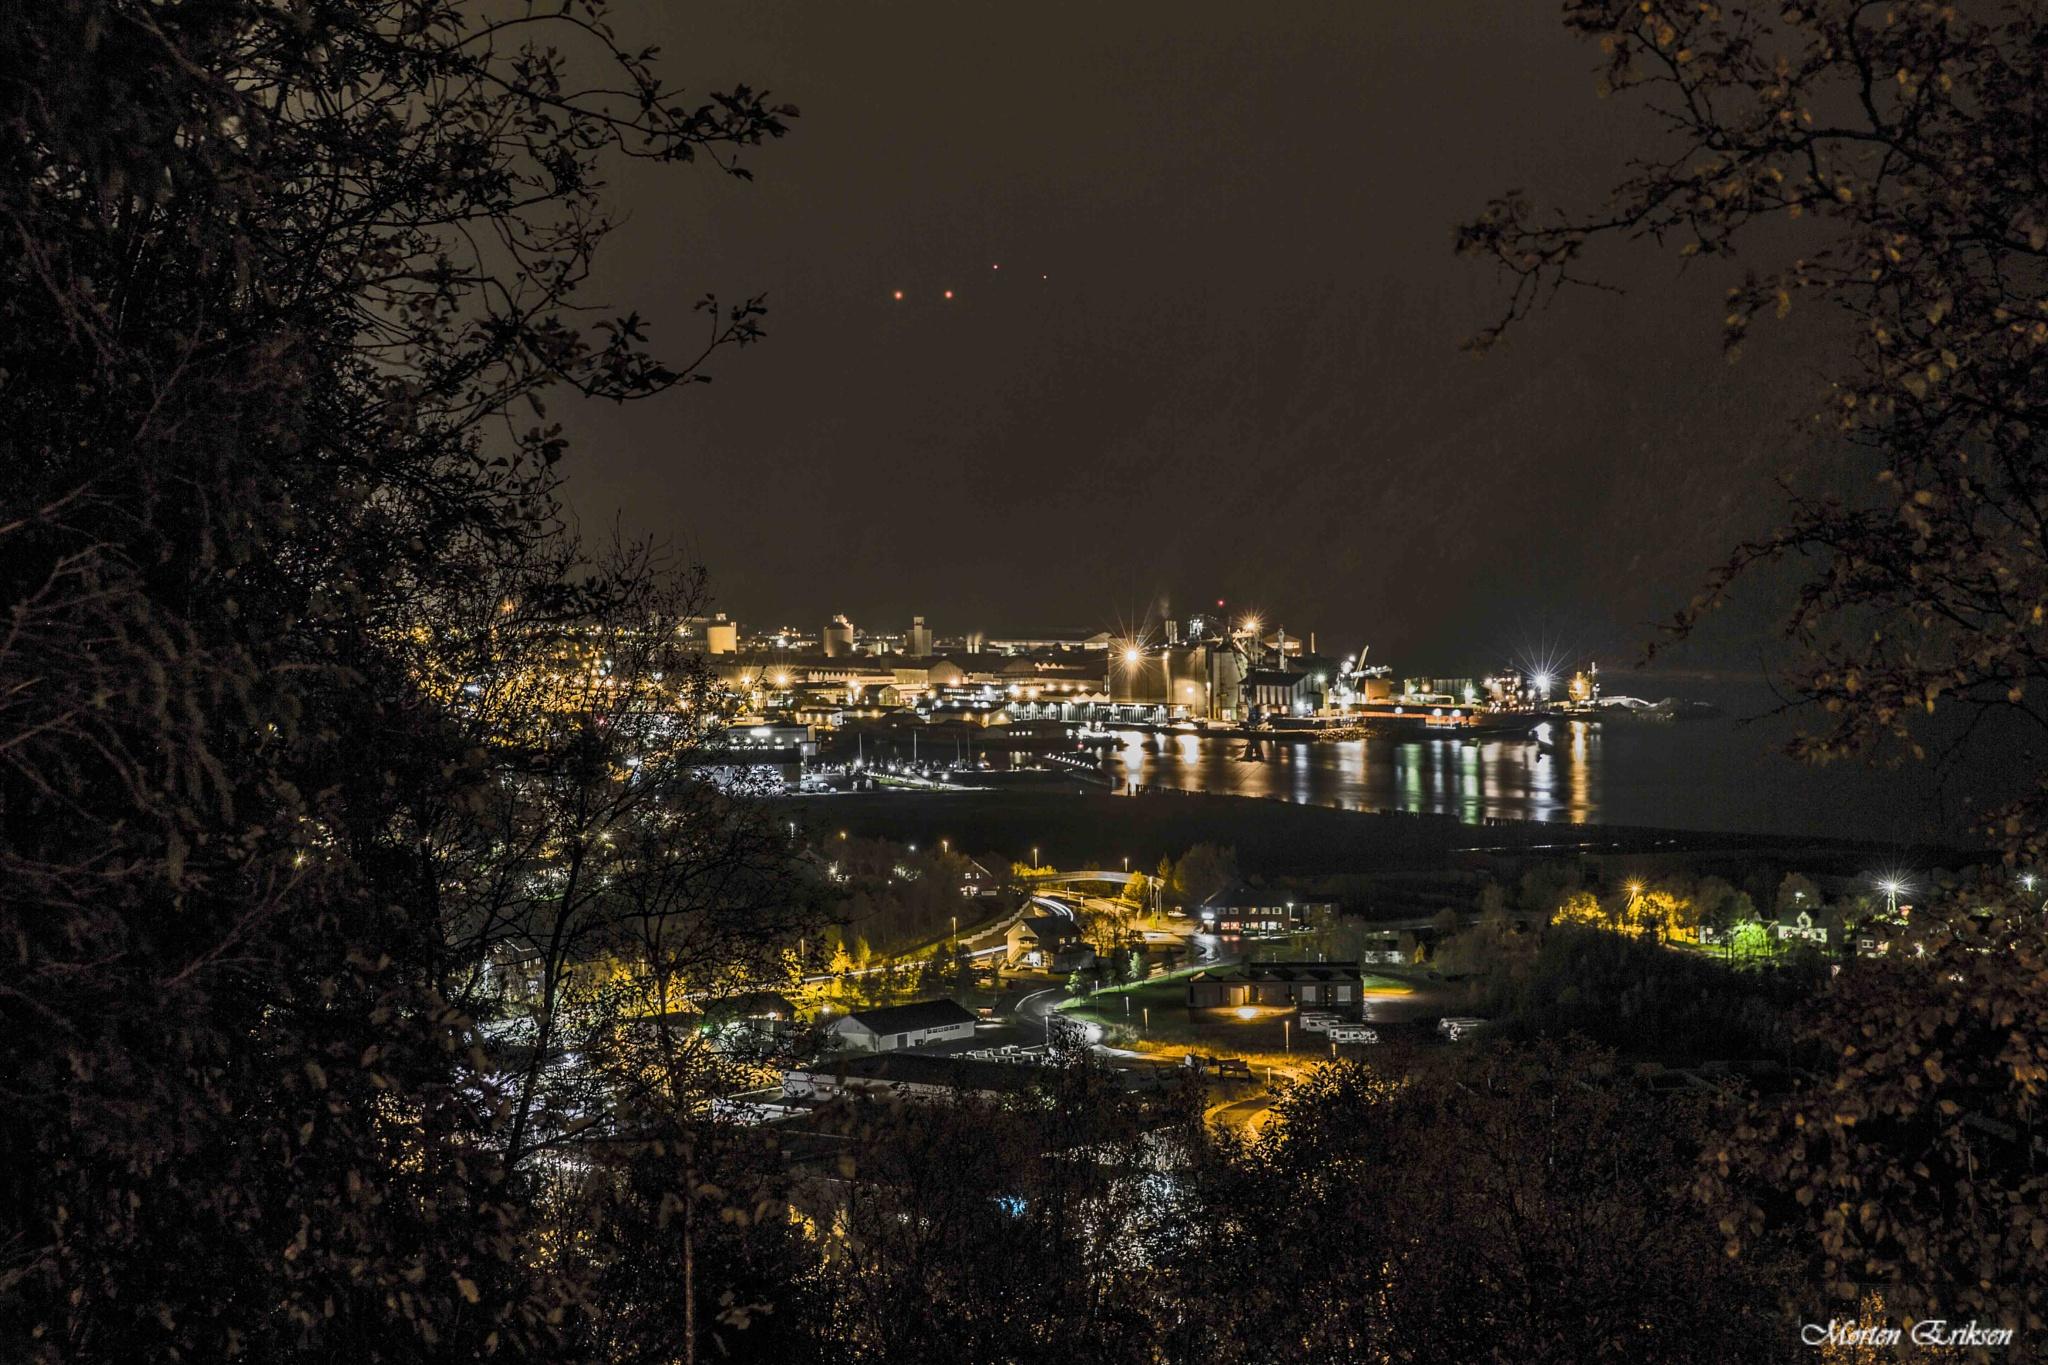 Mosjøen at night by Morten Eriksen